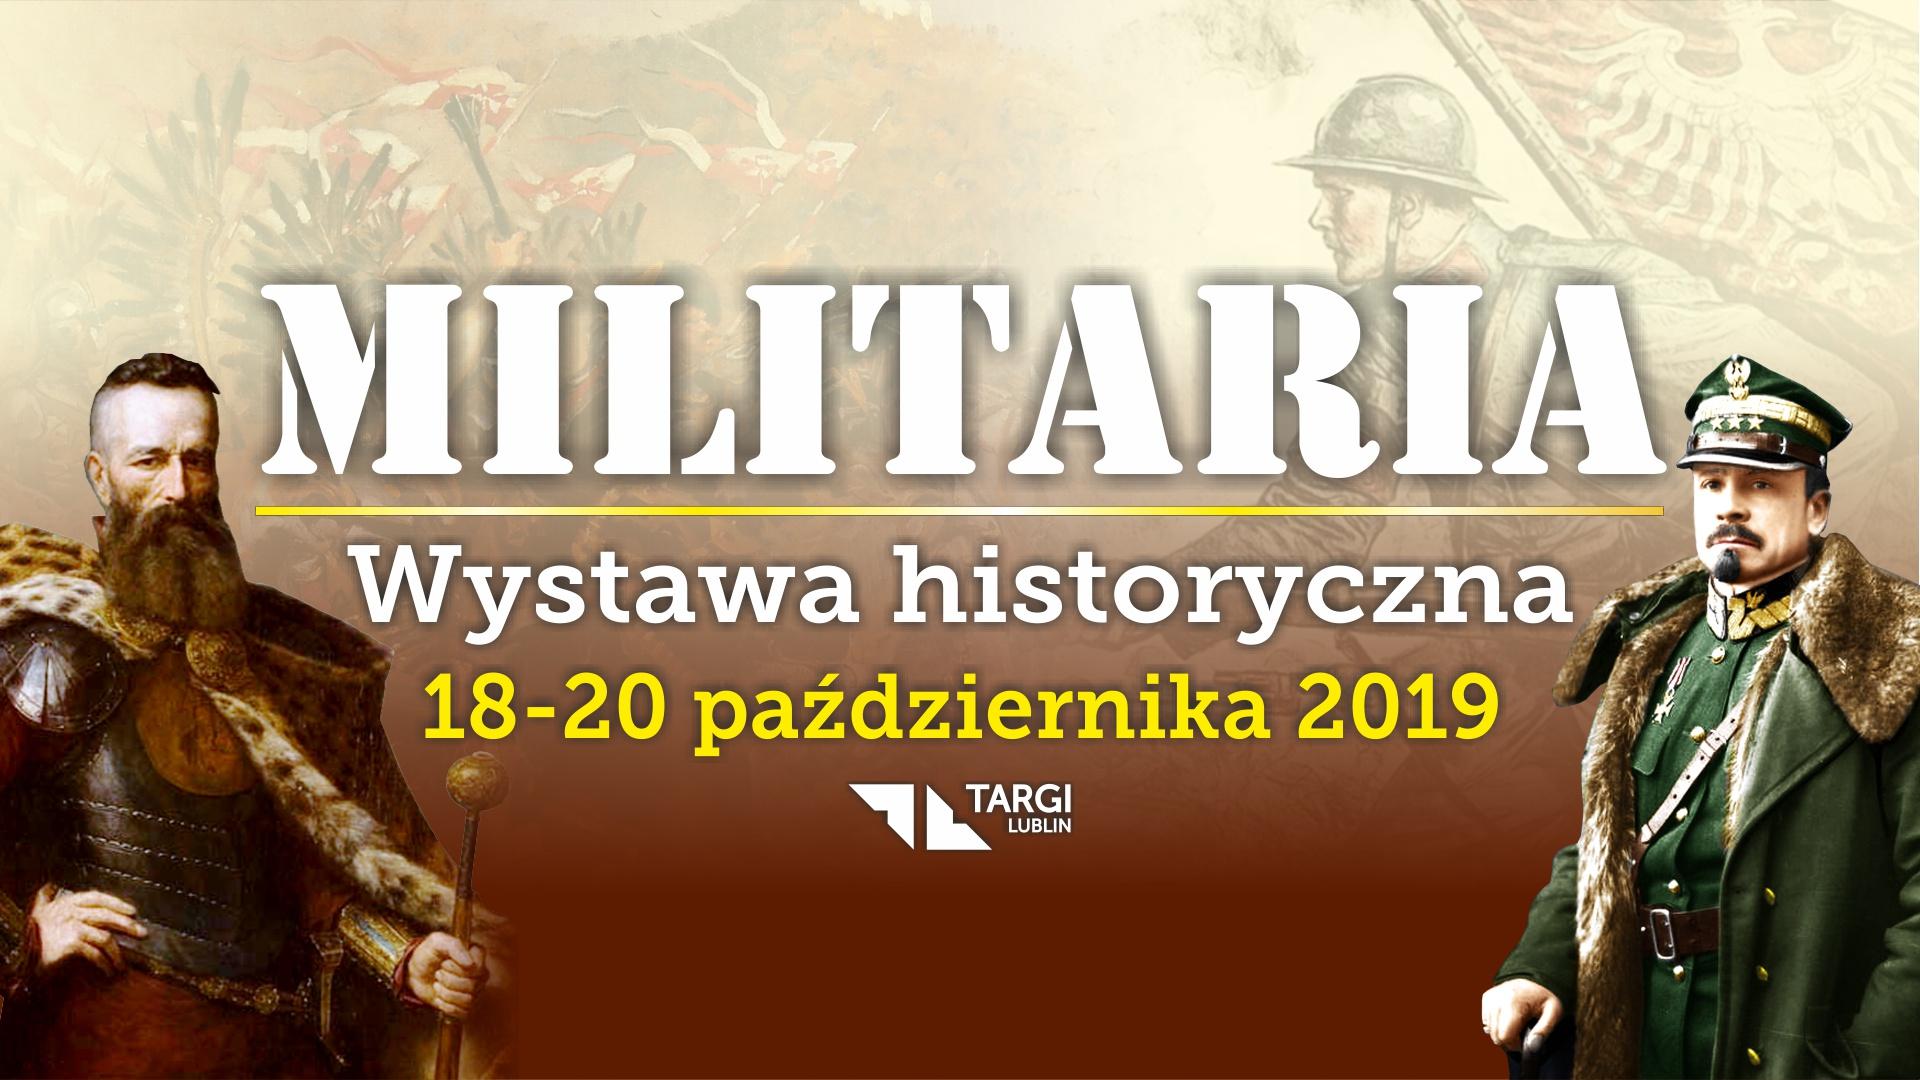 Militaria  – Wystawa Historyczna 2019 w Lublinie